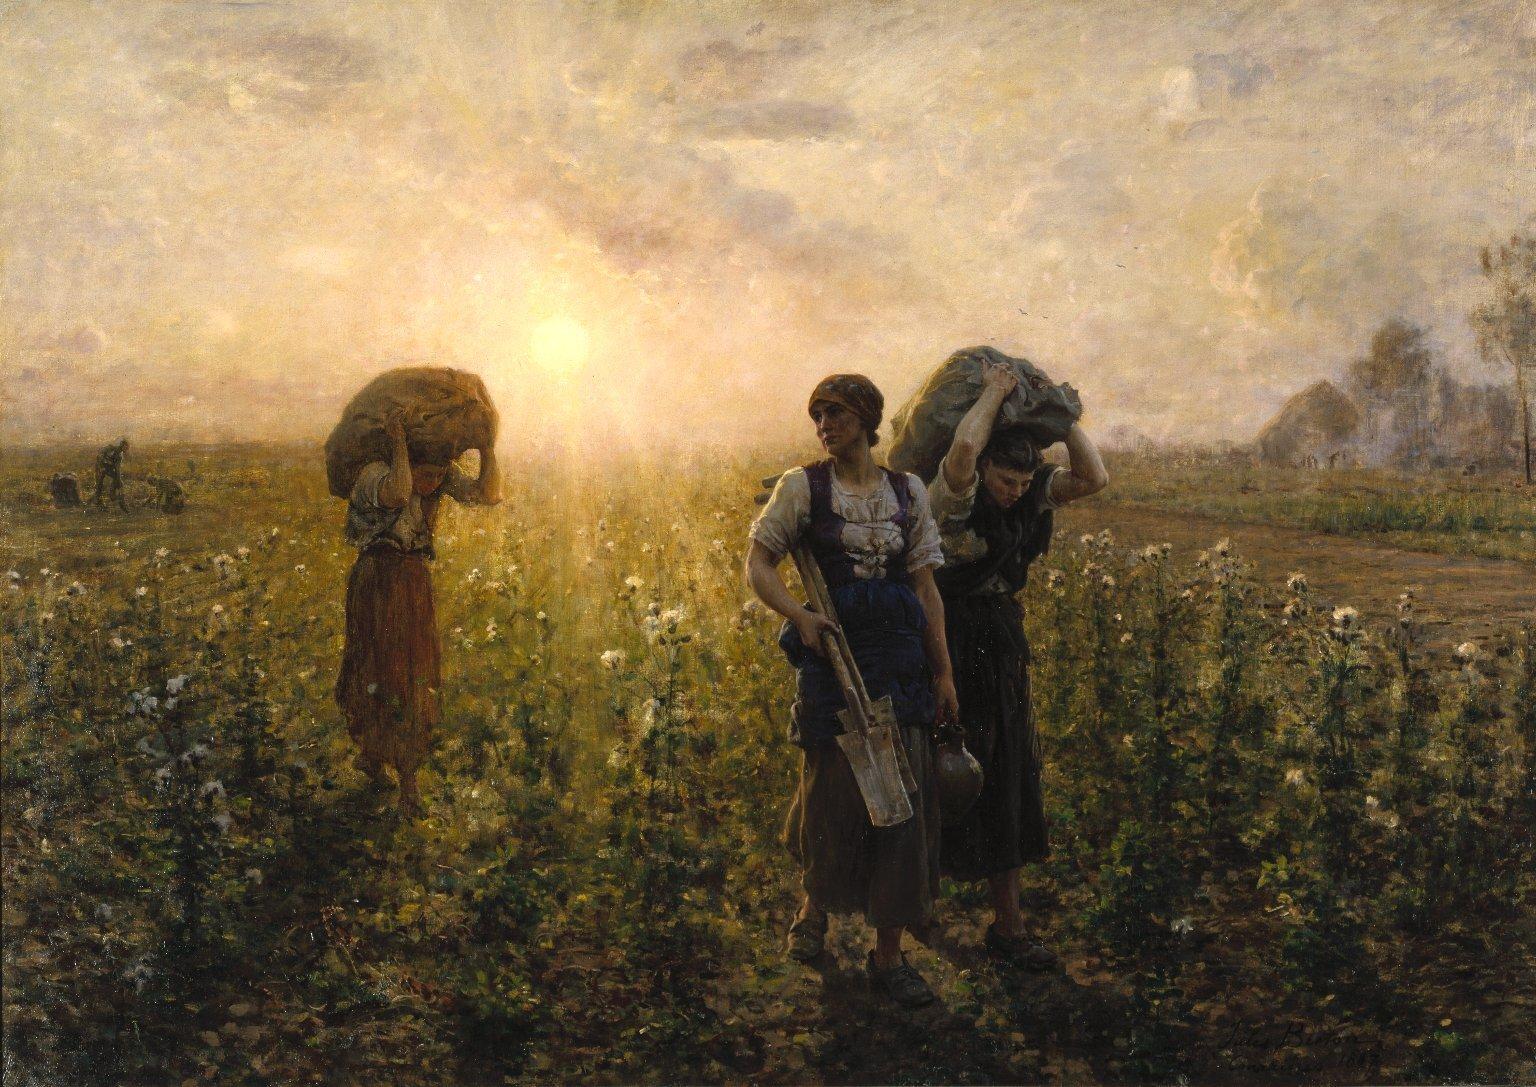 Obraz przedstawia trzy kobiety na polu.Jedna znich niesie łopaty, dwie na ramiona zarzucone mają worki. Wtle widać zachodzące słońce isylwetkę pracującej jeszcze postaci.